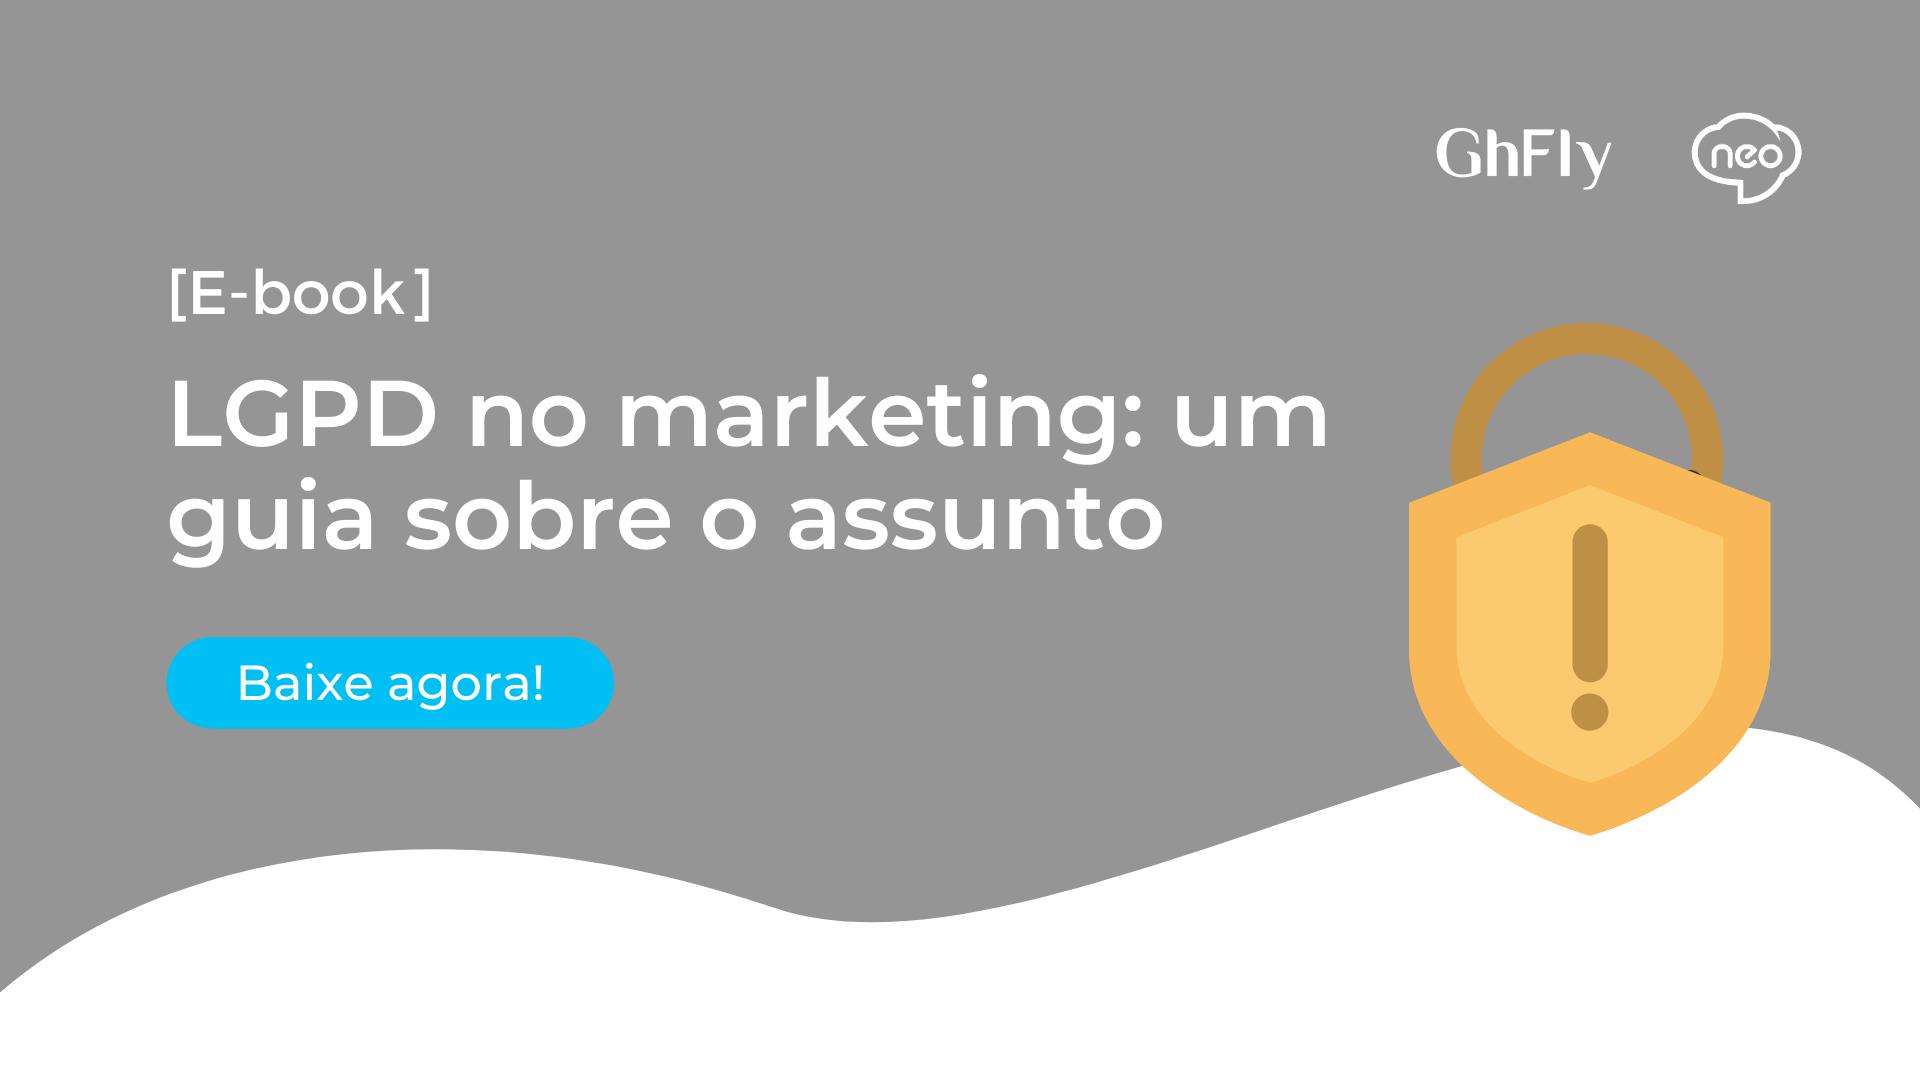 LGPD no marketing - Um guia sobre o assunto